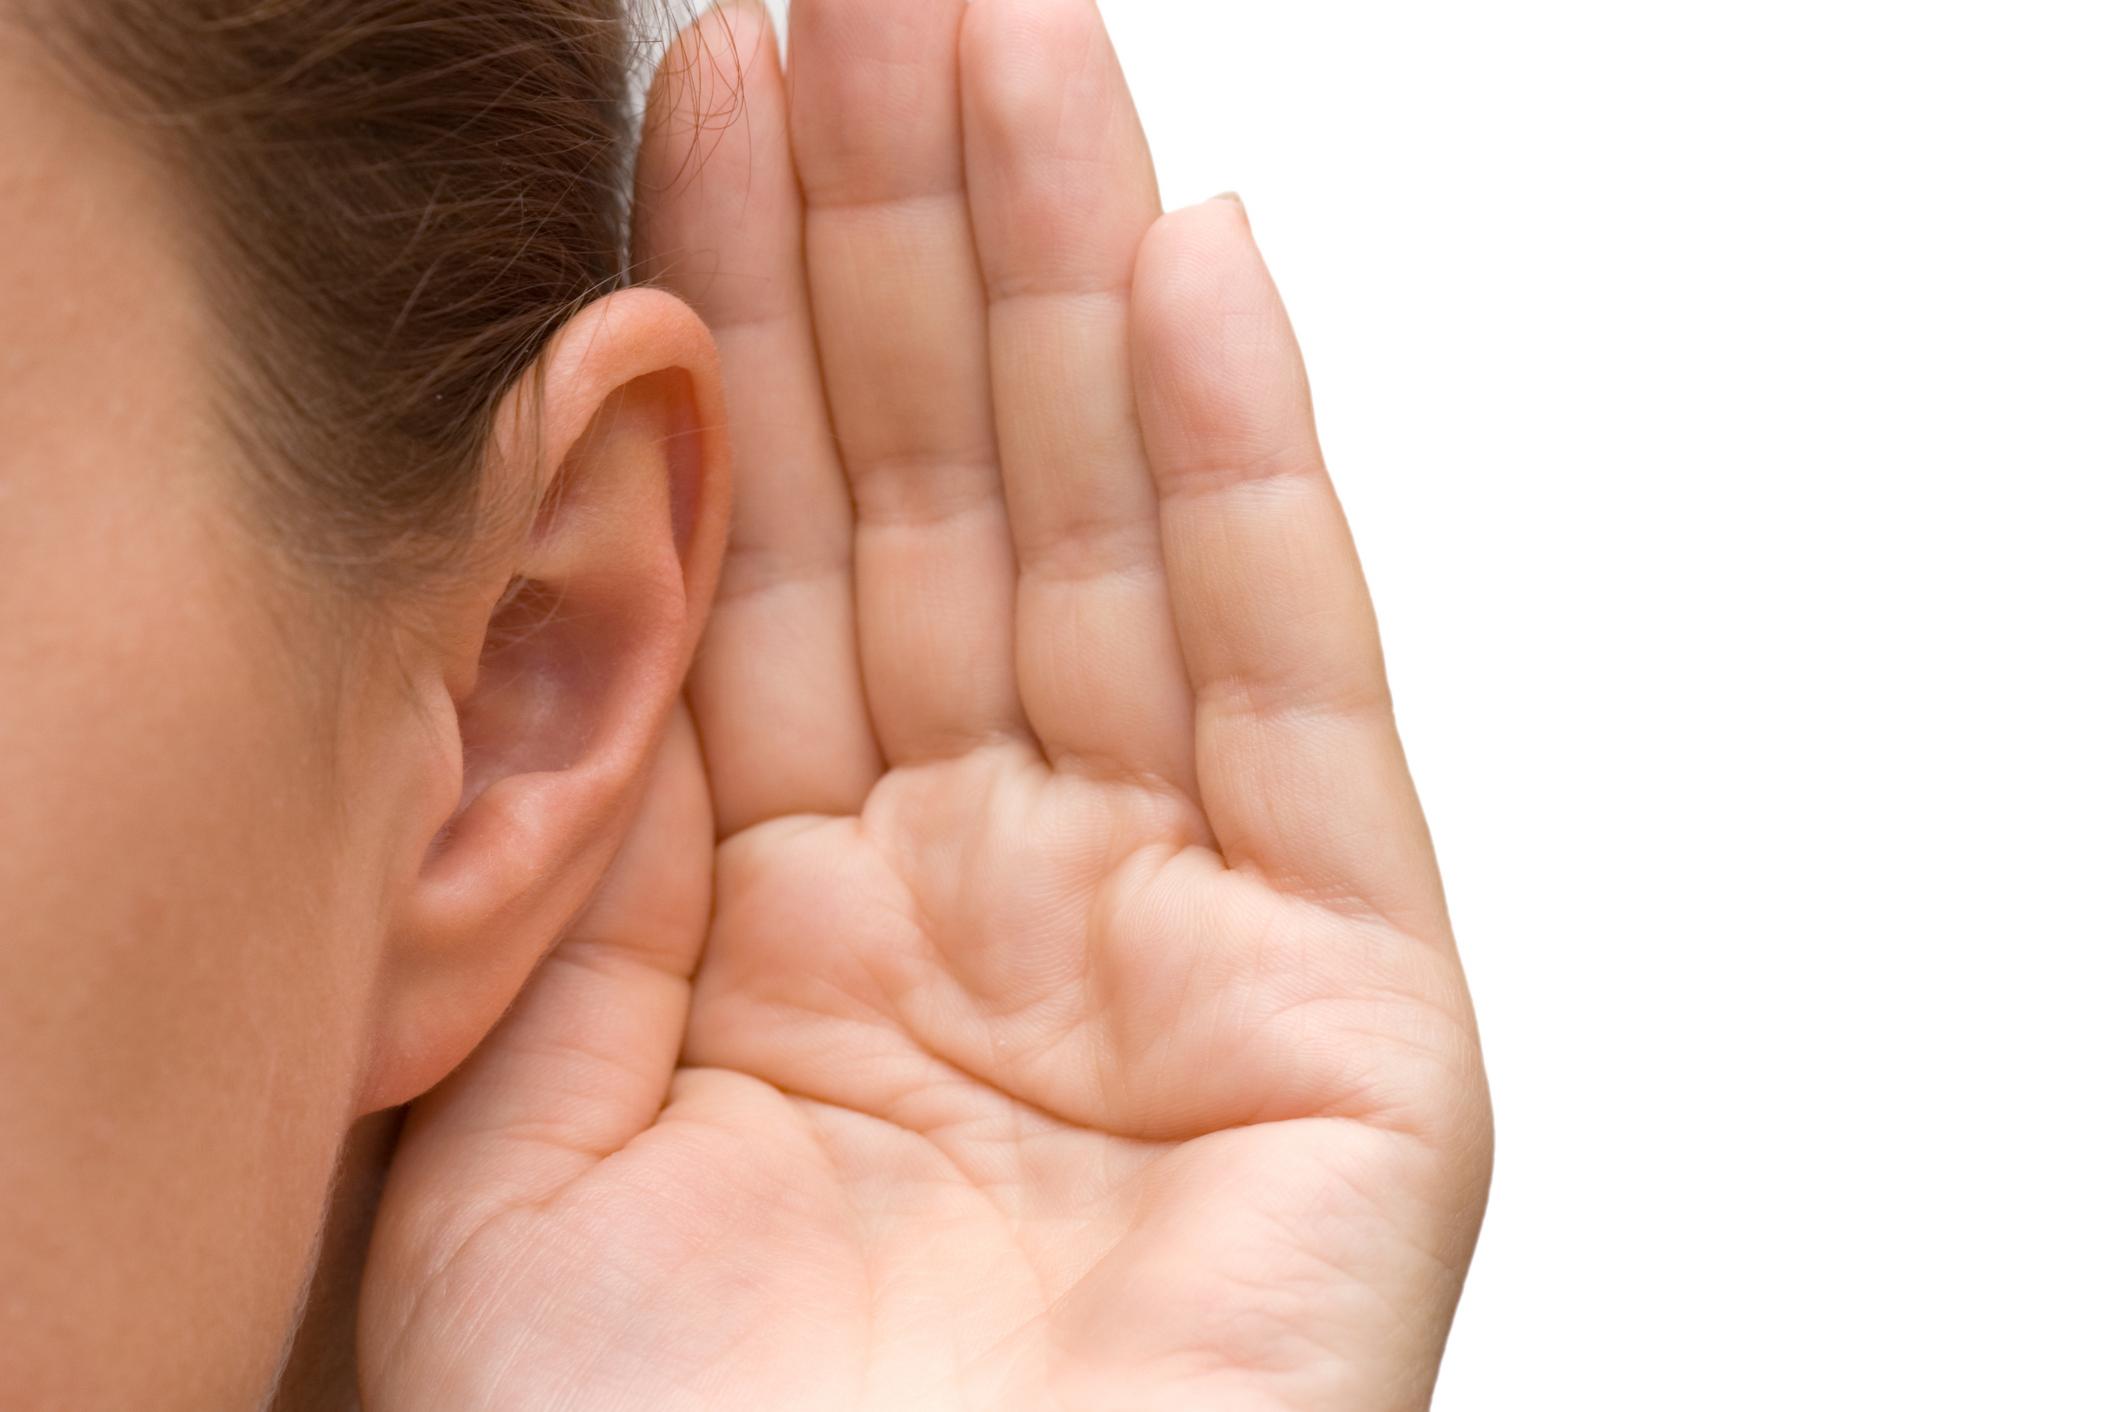 Be a Good Listener First